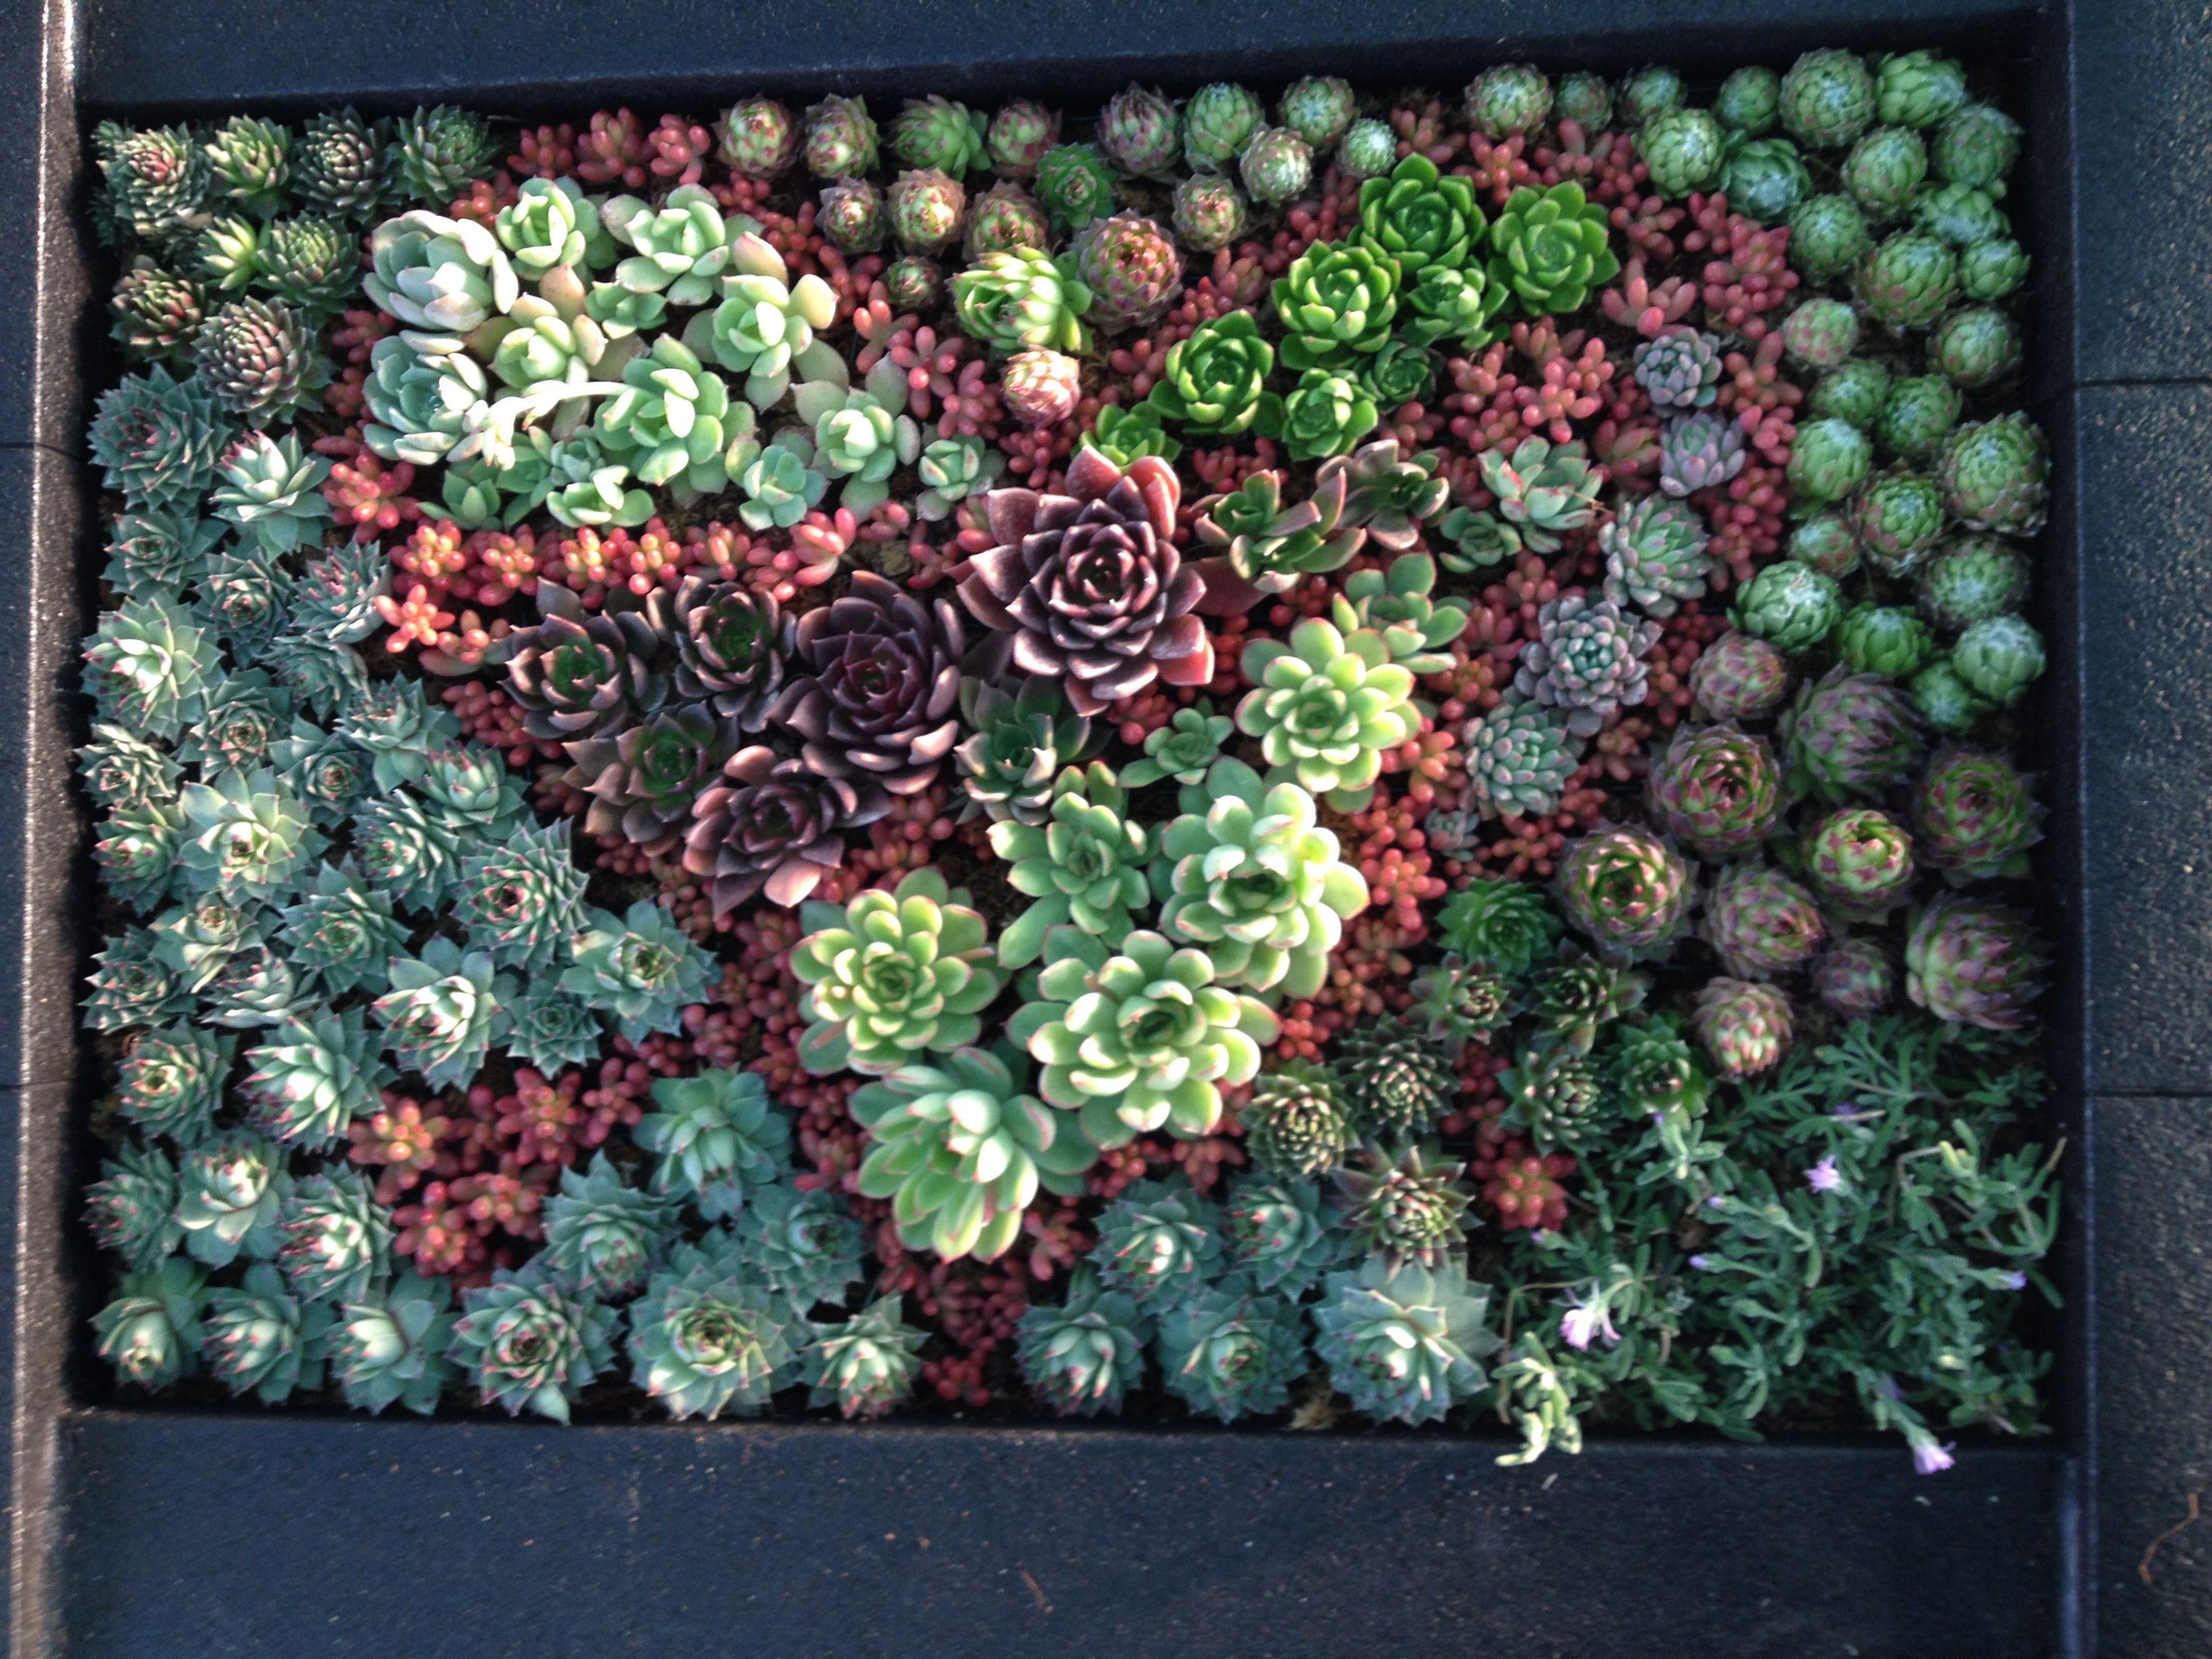 del jard n vertical al arte vegetal en cuadros vivos coraz n cubista elaborado con plantas. Black Bedroom Furniture Sets. Home Design Ideas